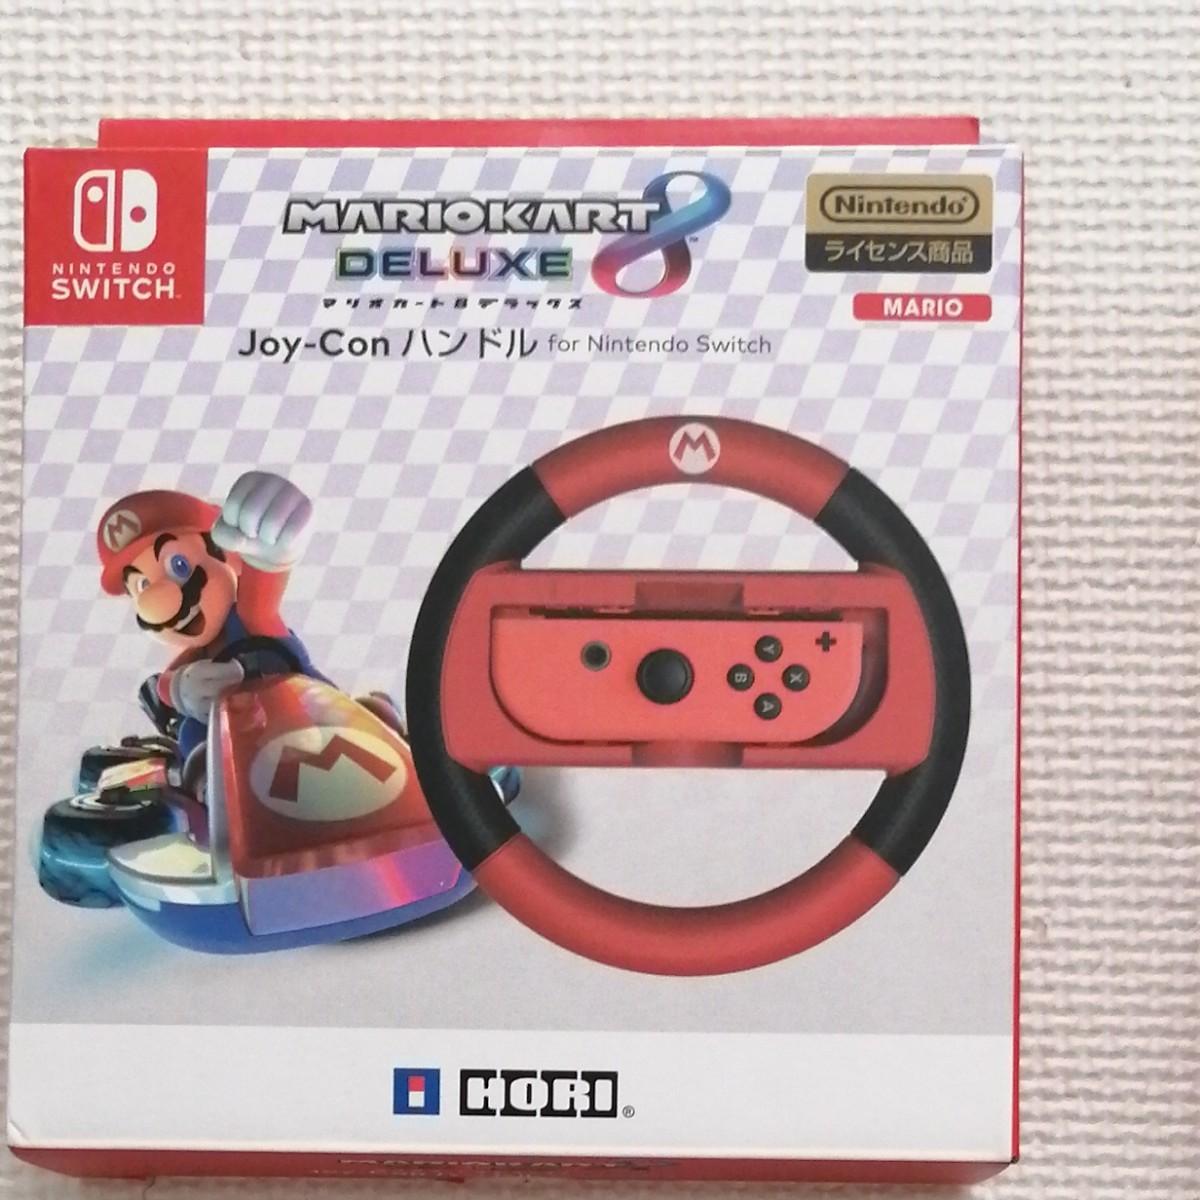 Switch マリオカート8 デラックス 正規品 Joy-Con ハンドル  3点セット